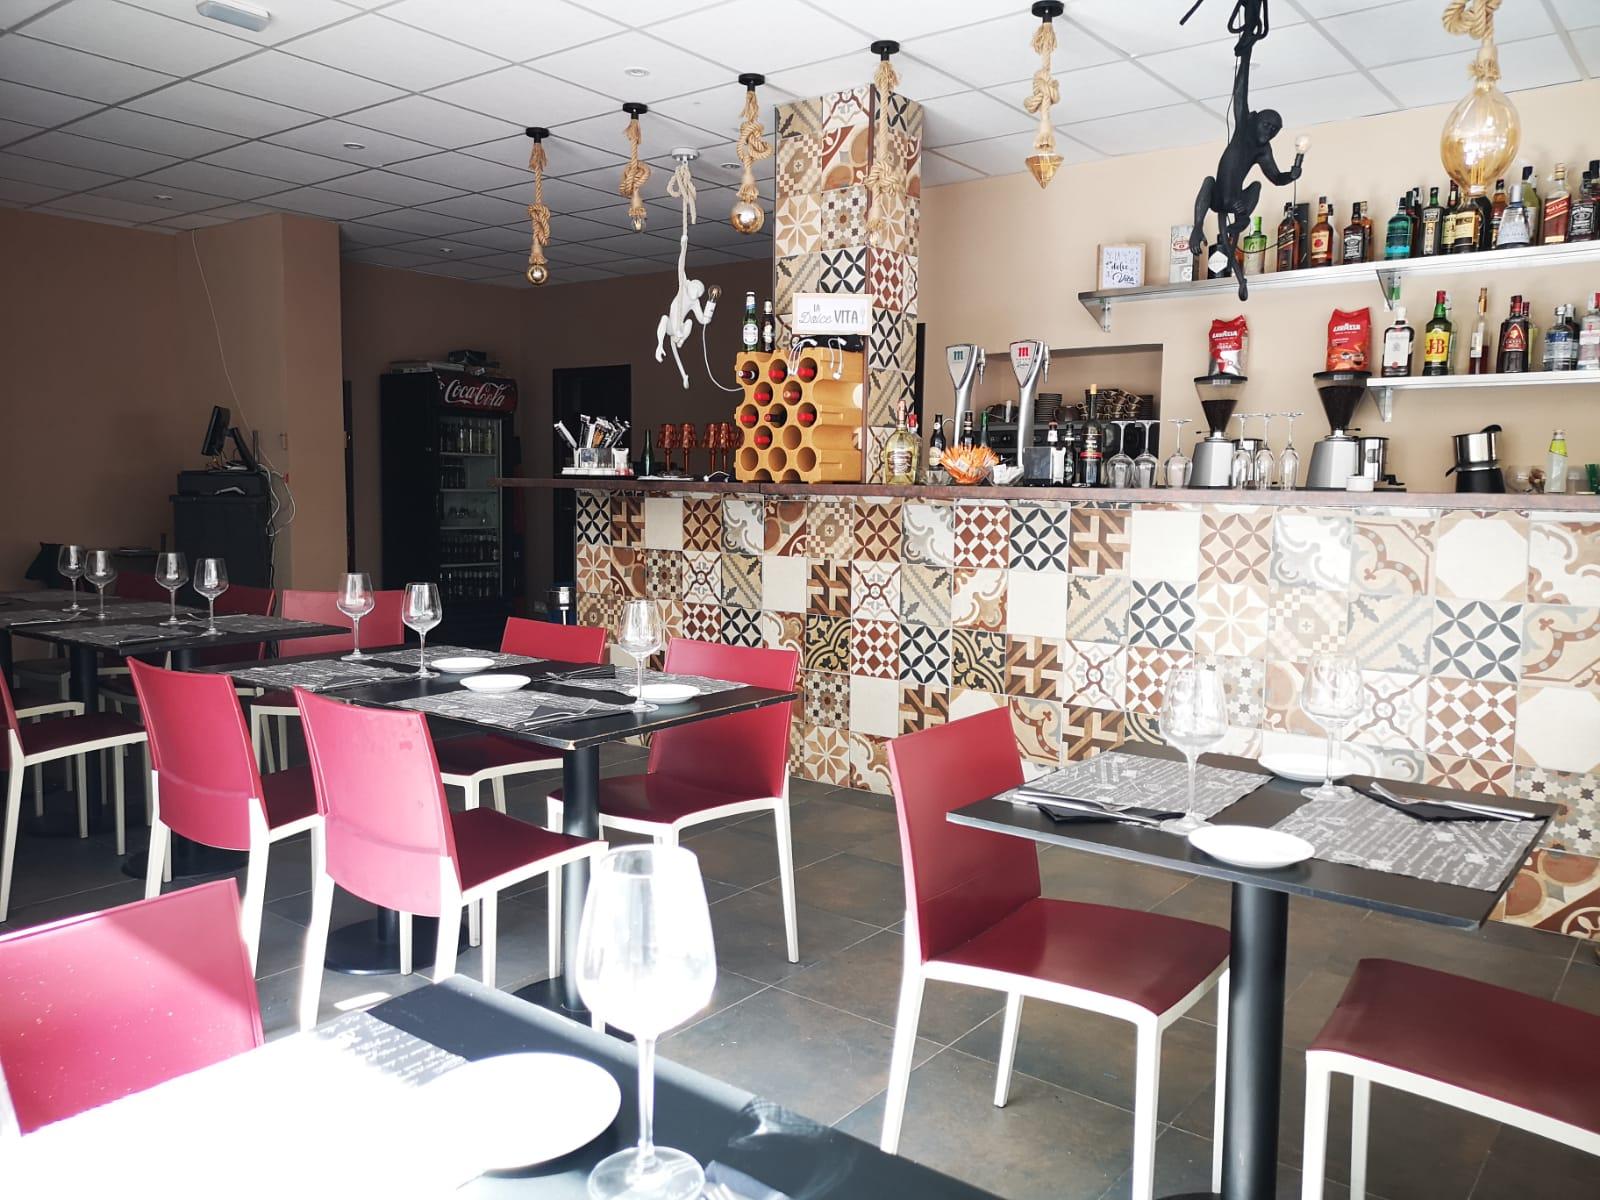 La Dolce Vita: Restaurante tradicional italiano en Móstoles, cocina italiana en Móstoles